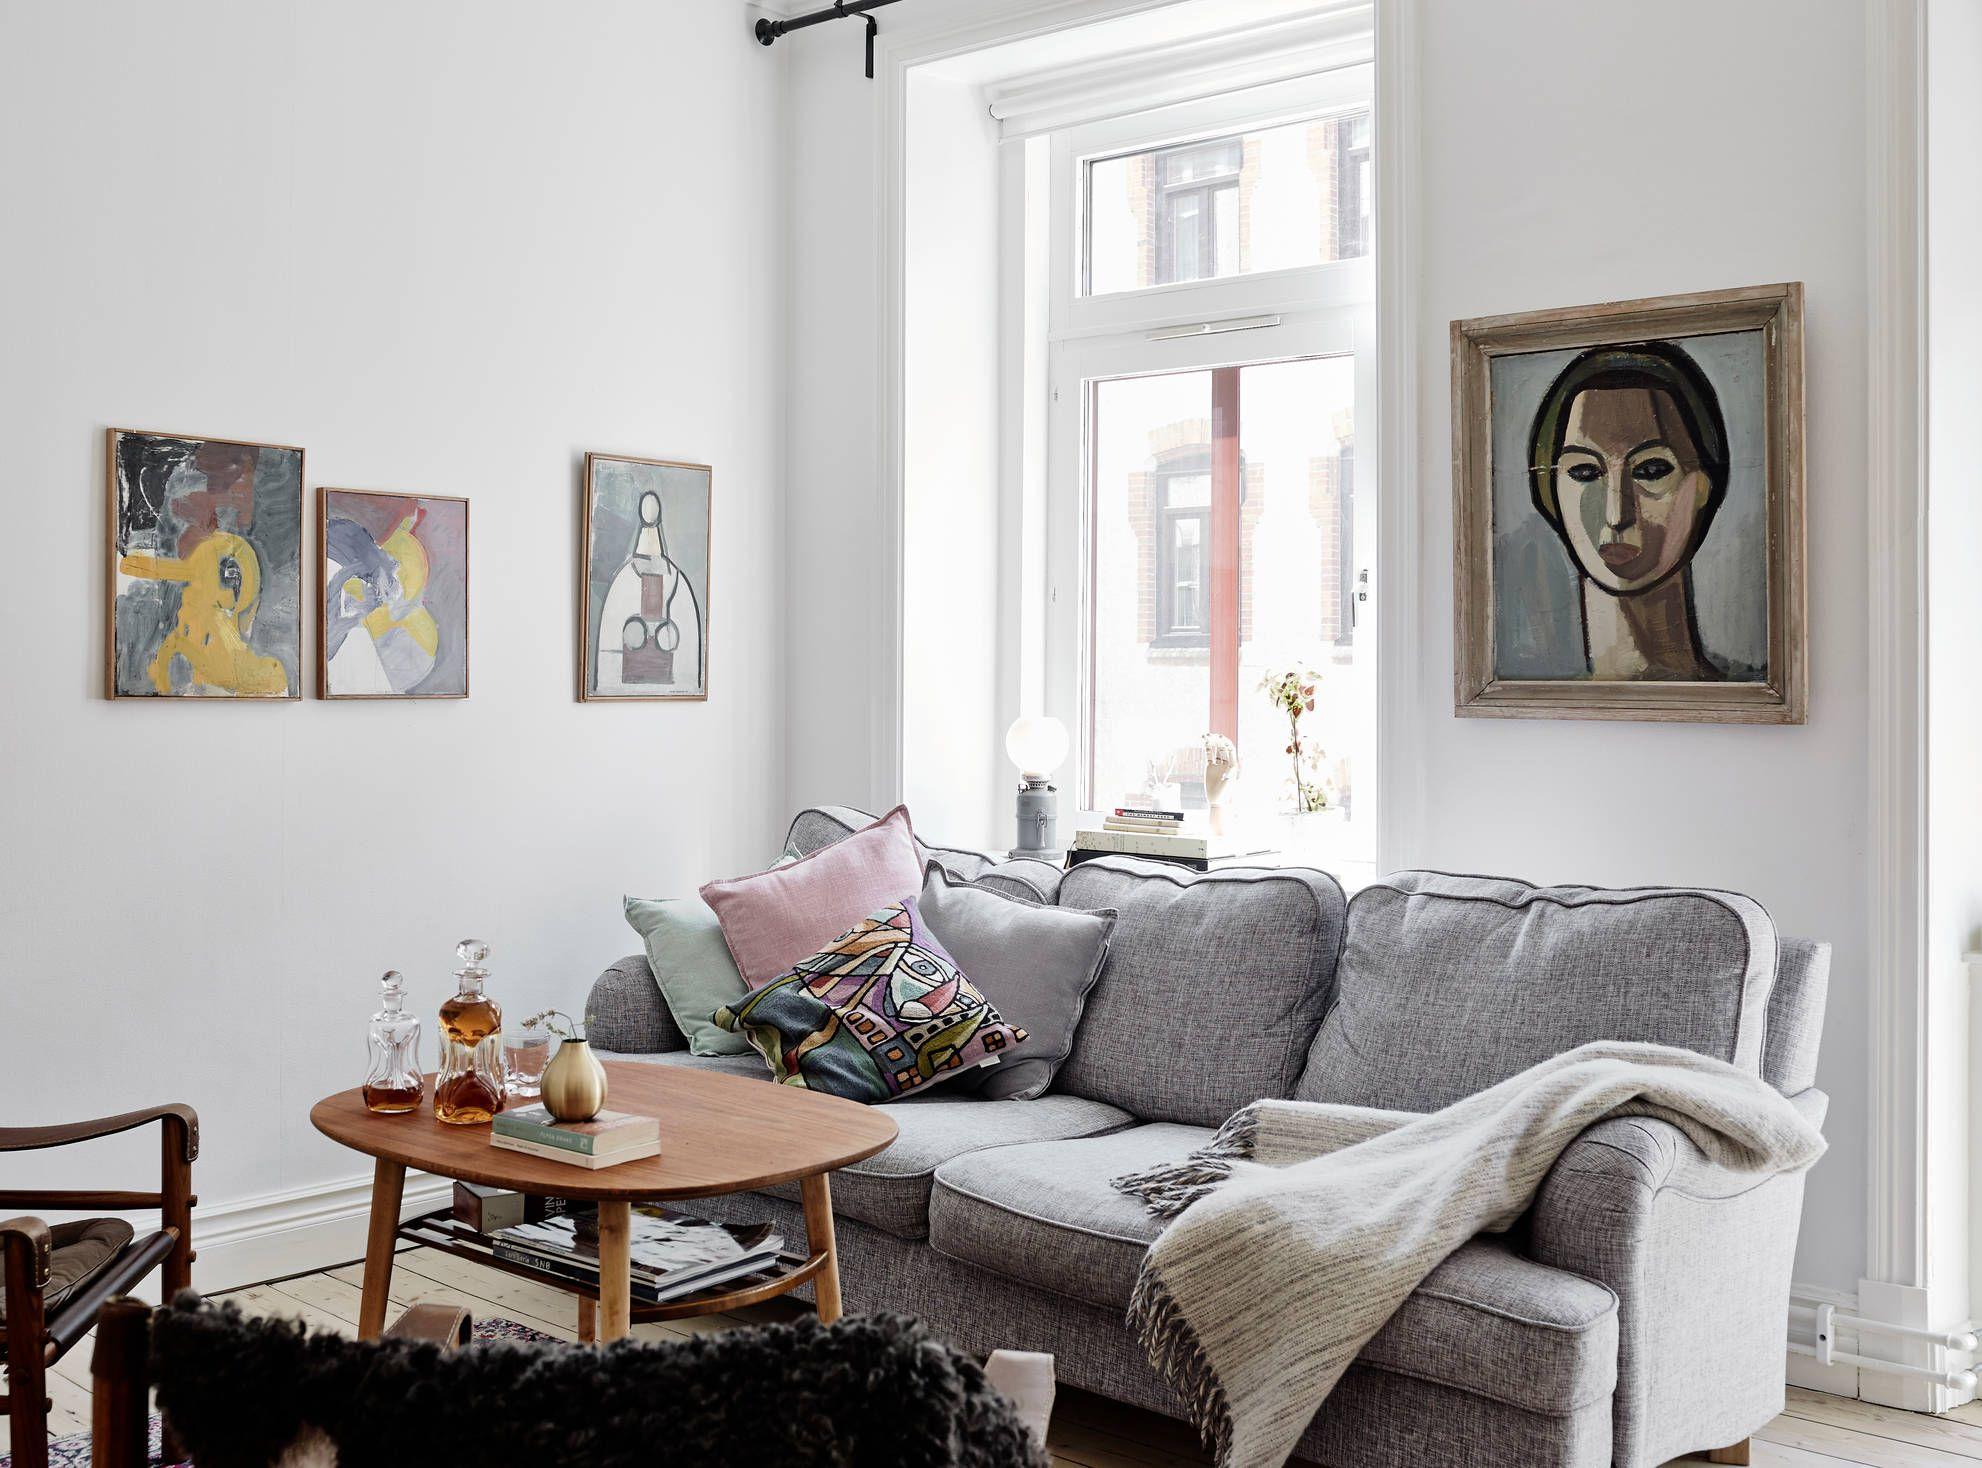 Rosa tramonto per un soggiorno romantico. Come Decorare La Parete Del Divano Schemi E Idee Per Il Soggiorno Giulia Grillo Architetto Art Home